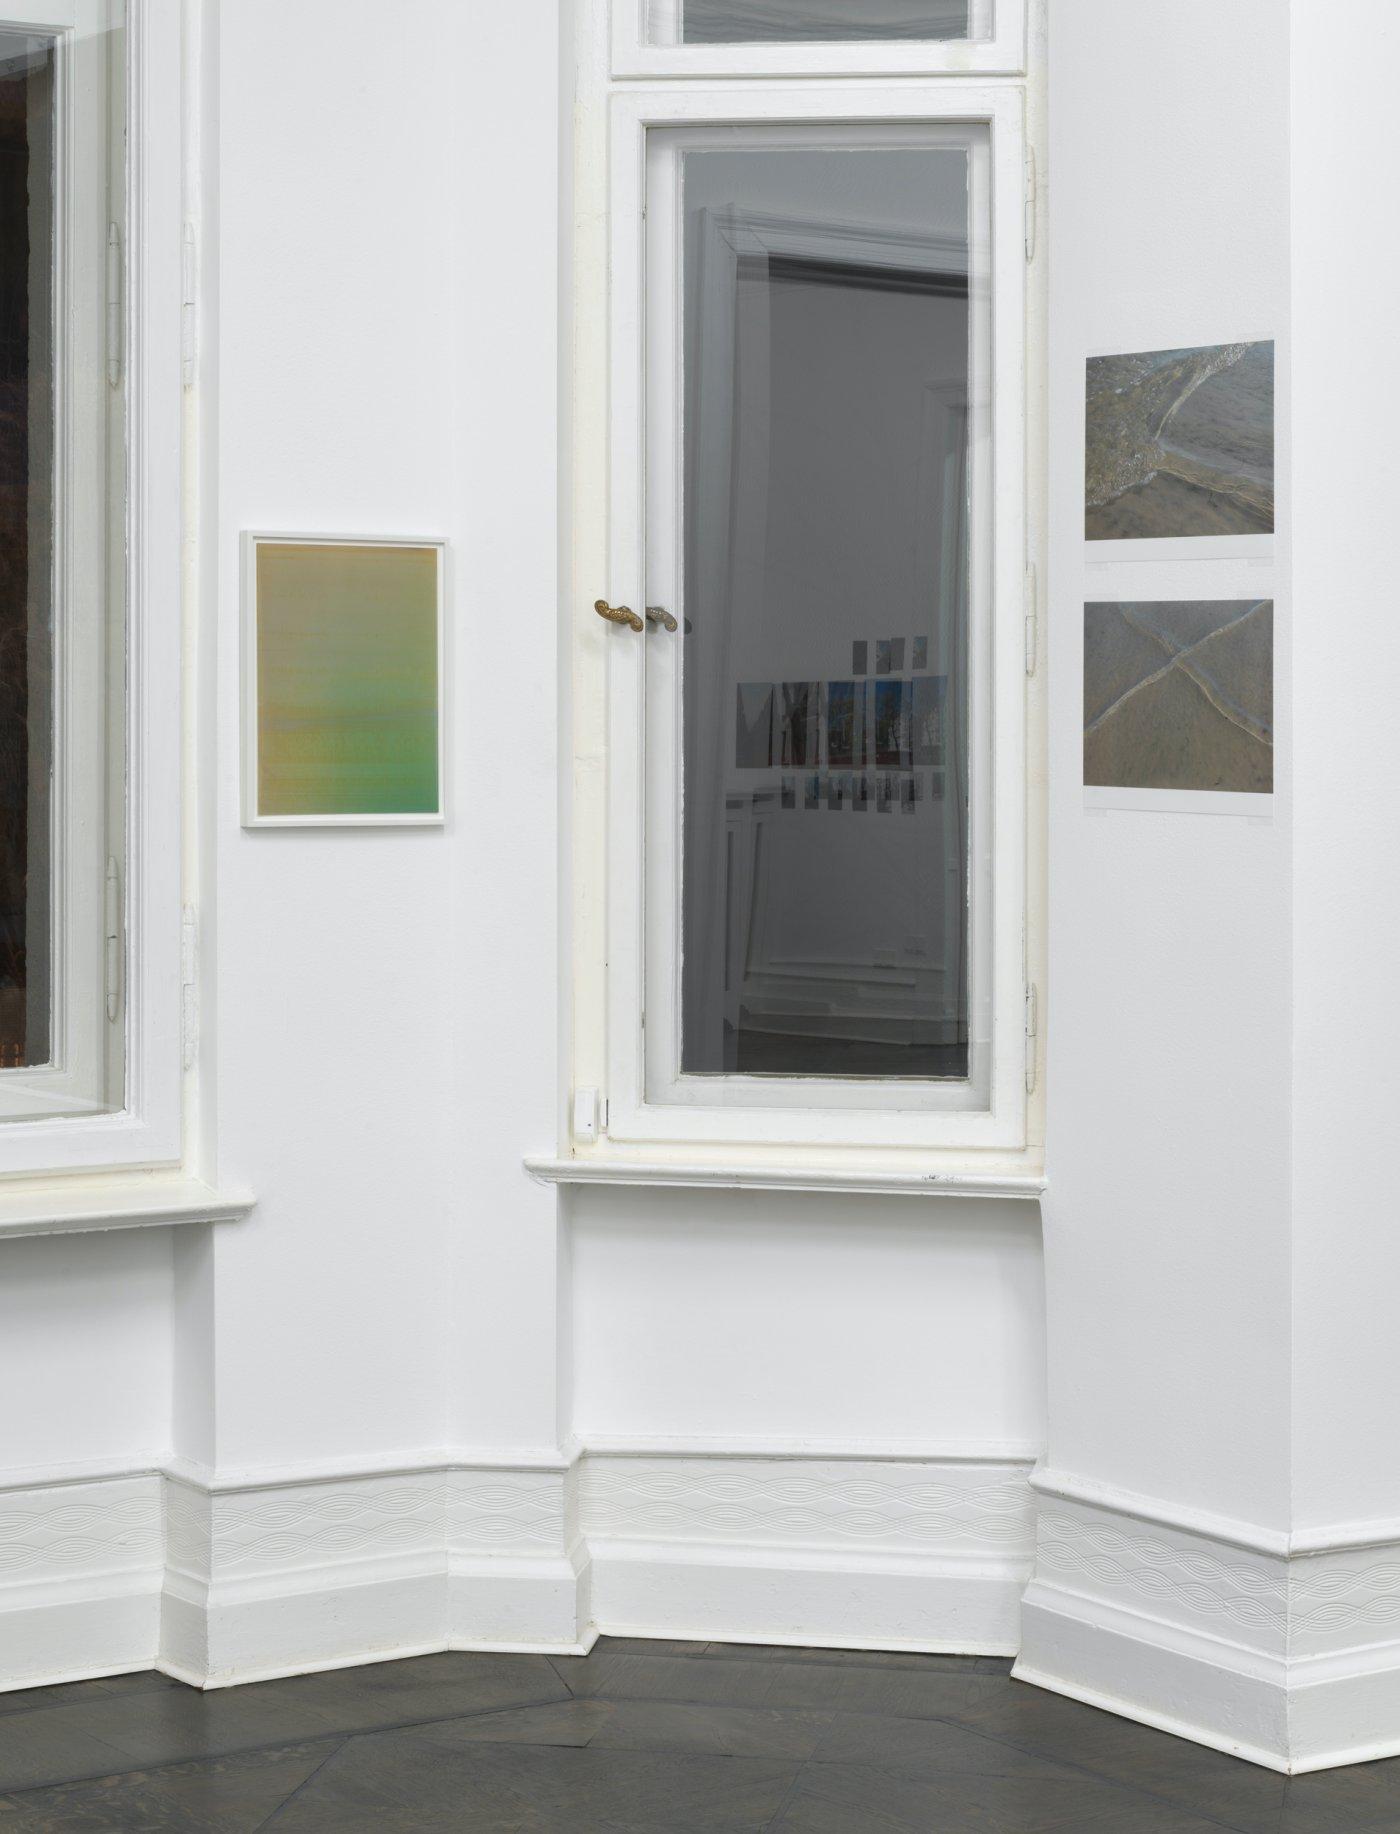 Galerie Buchholz Berlin Wolfgang Tillmans 14